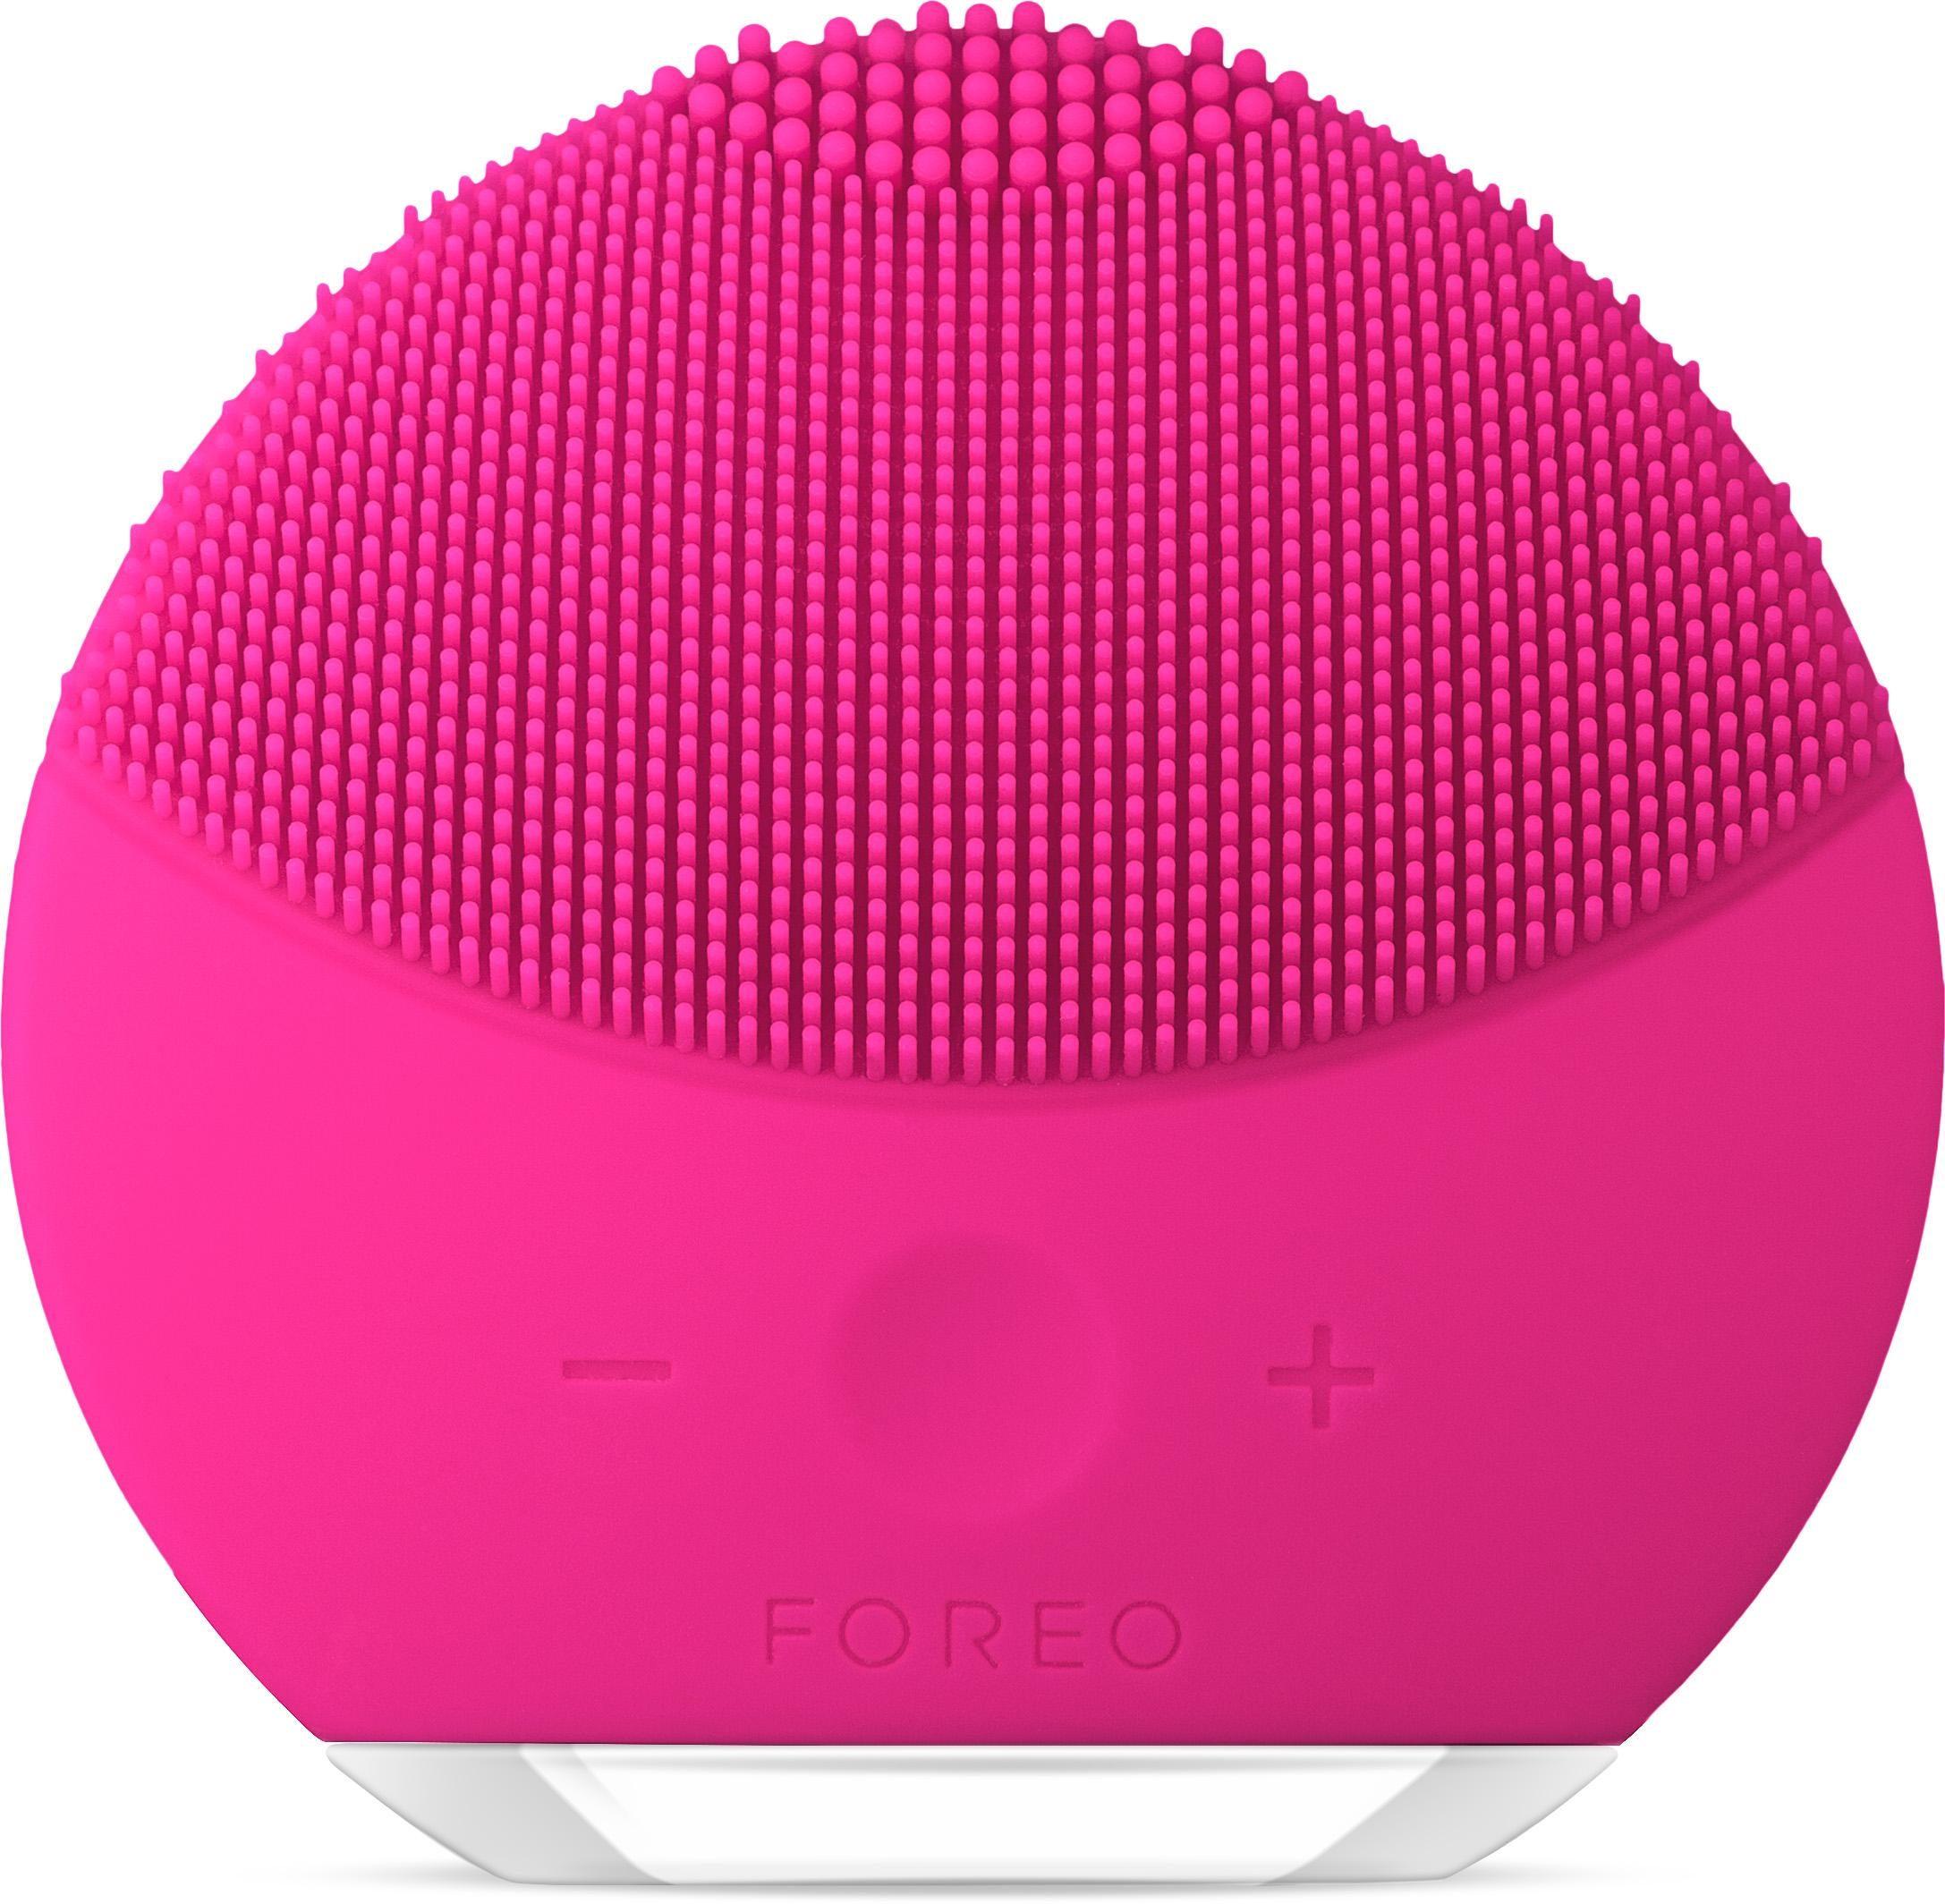 Foreo Gesichtsreinigungsbürste LUNA™ mini 2 Fuchsia, Frische & individualisierbare Reinigung